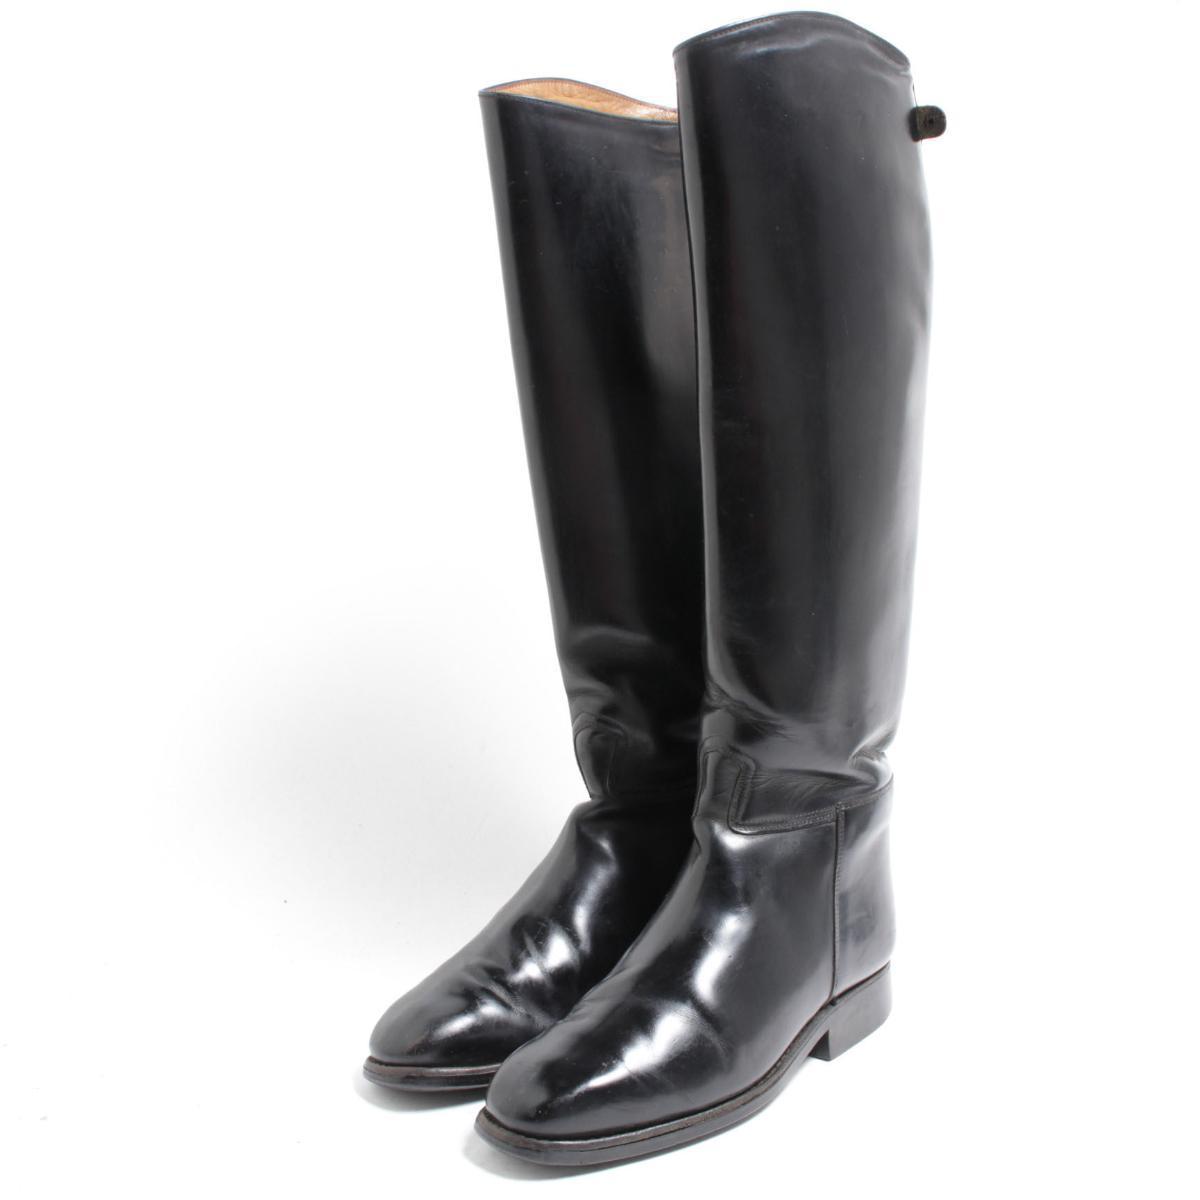 カバロ Cavallo ジョッキー乗馬ブーツ 4.5 レディース22.5cm /bom6789 【中古】 【180701】